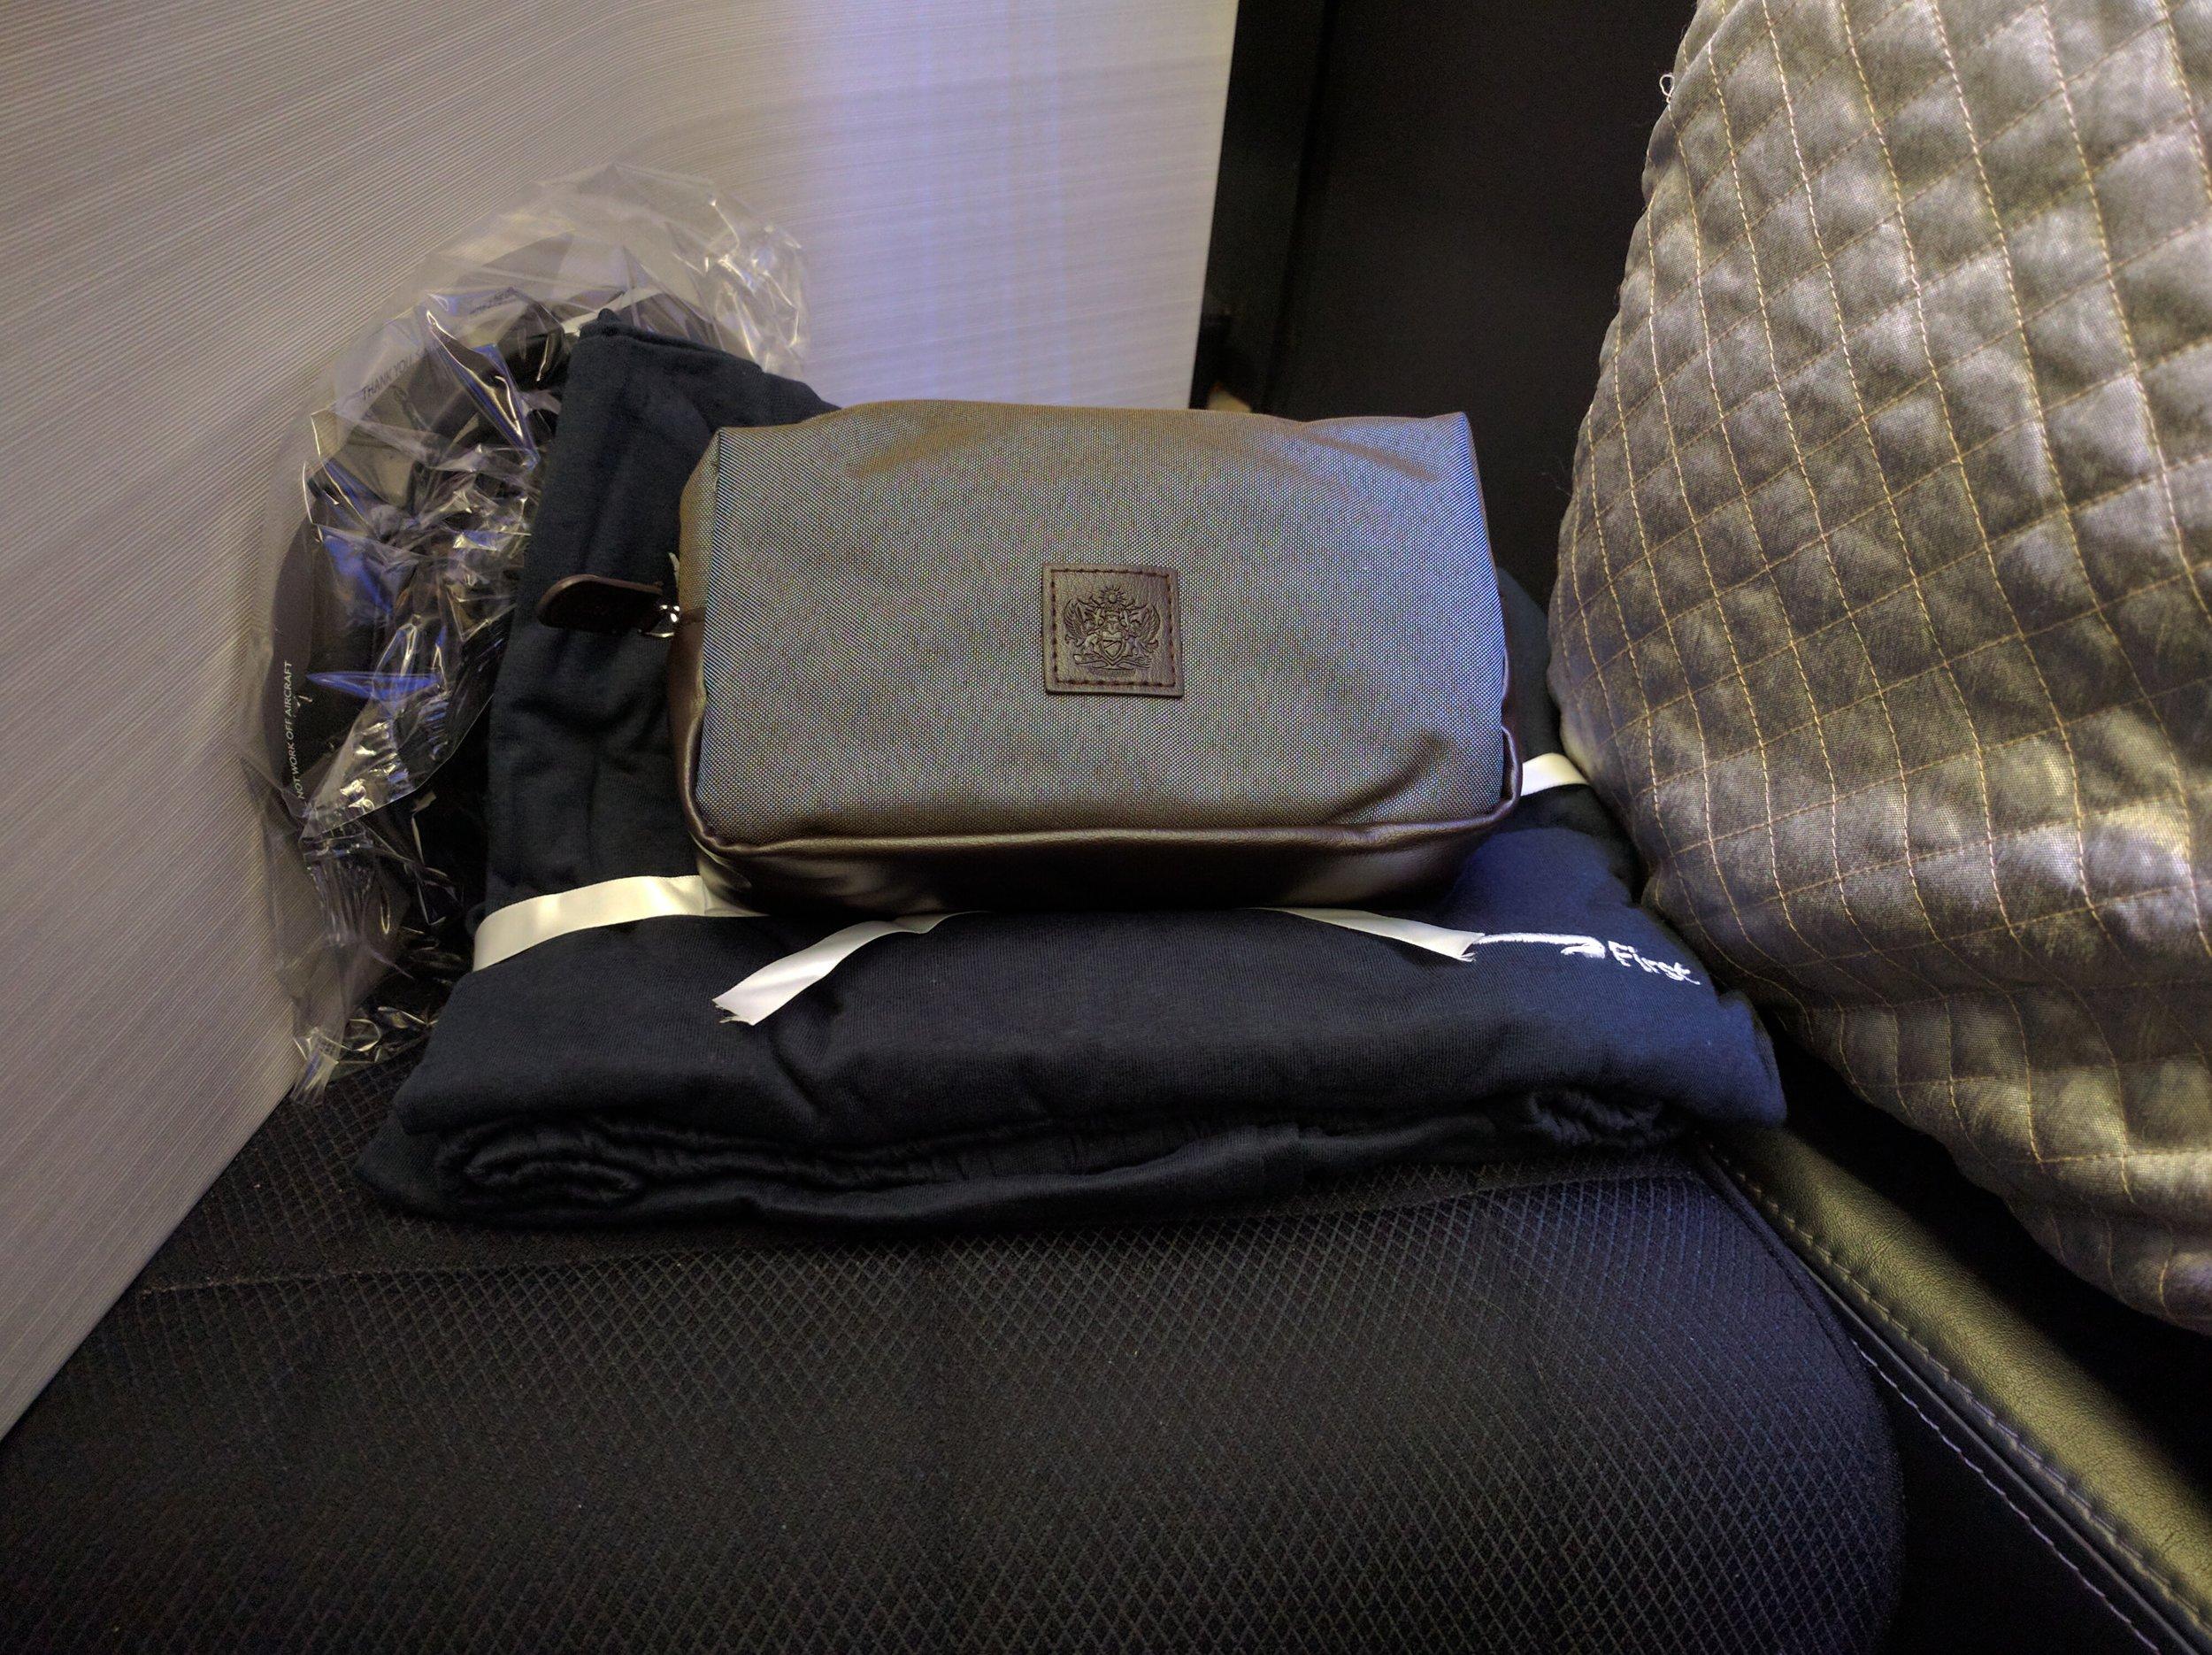 Amenity Kit and Sleepsuit